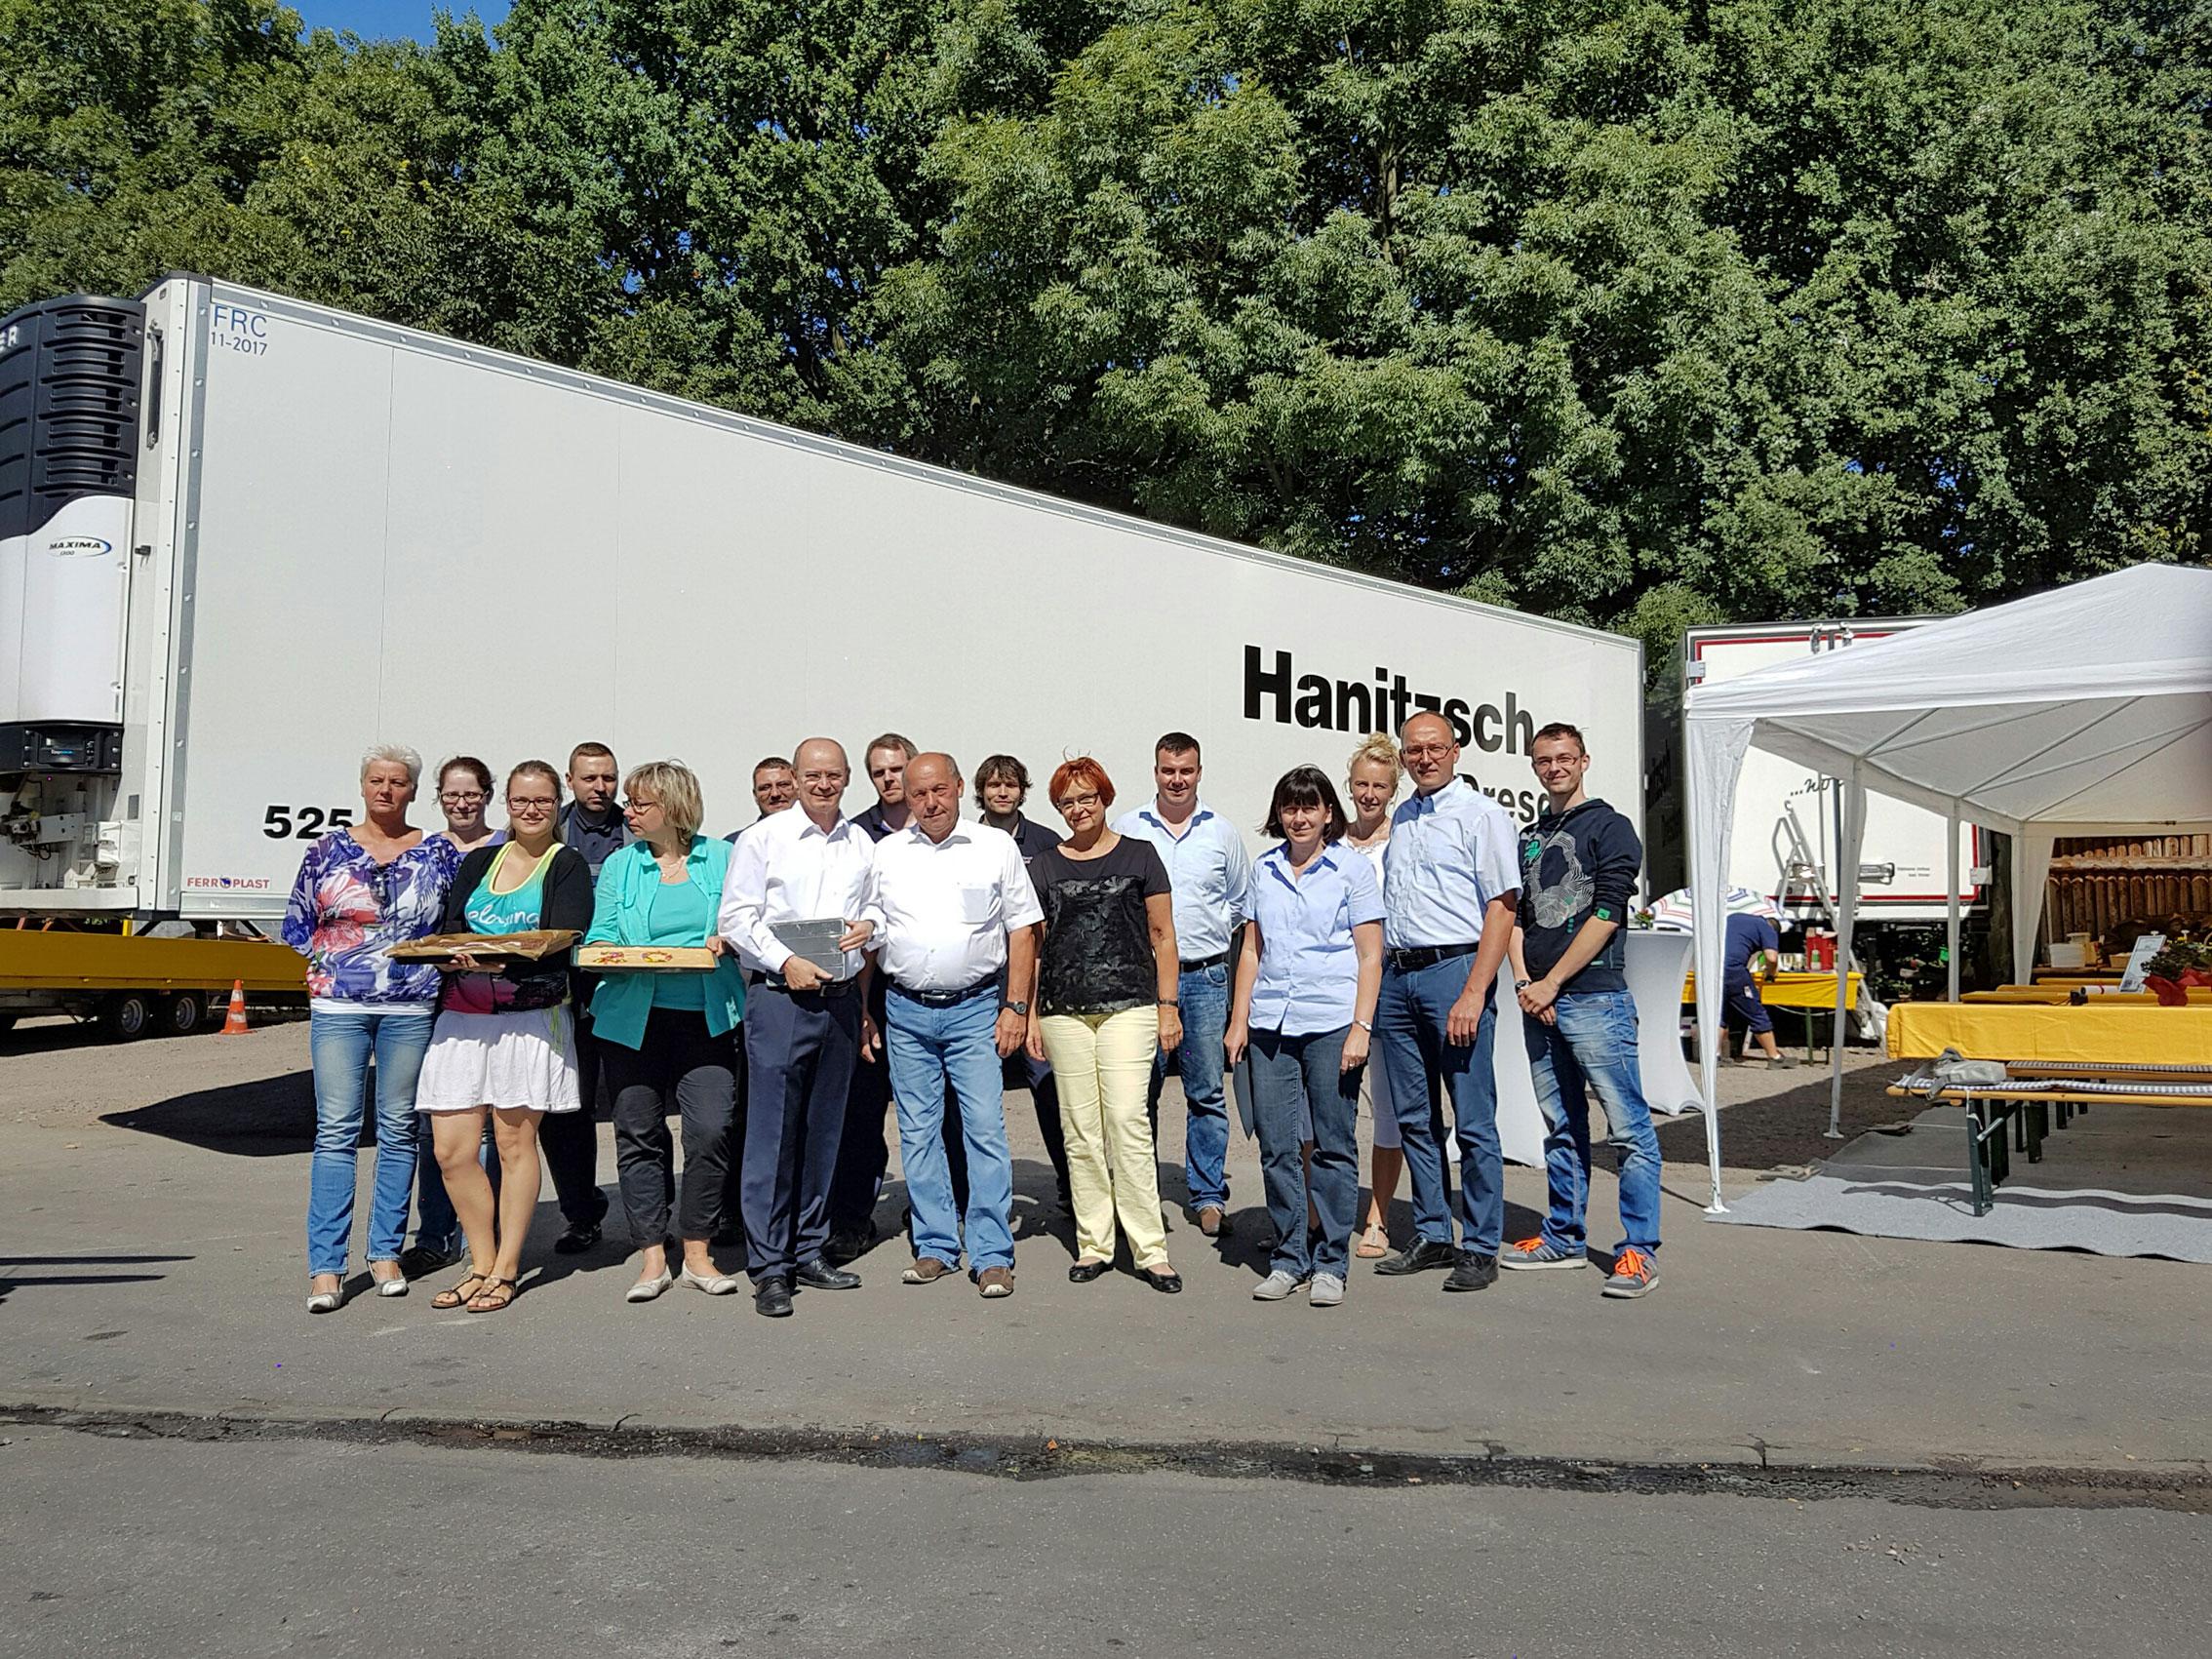 hanitzsch_20_jahre_kesselsdorf